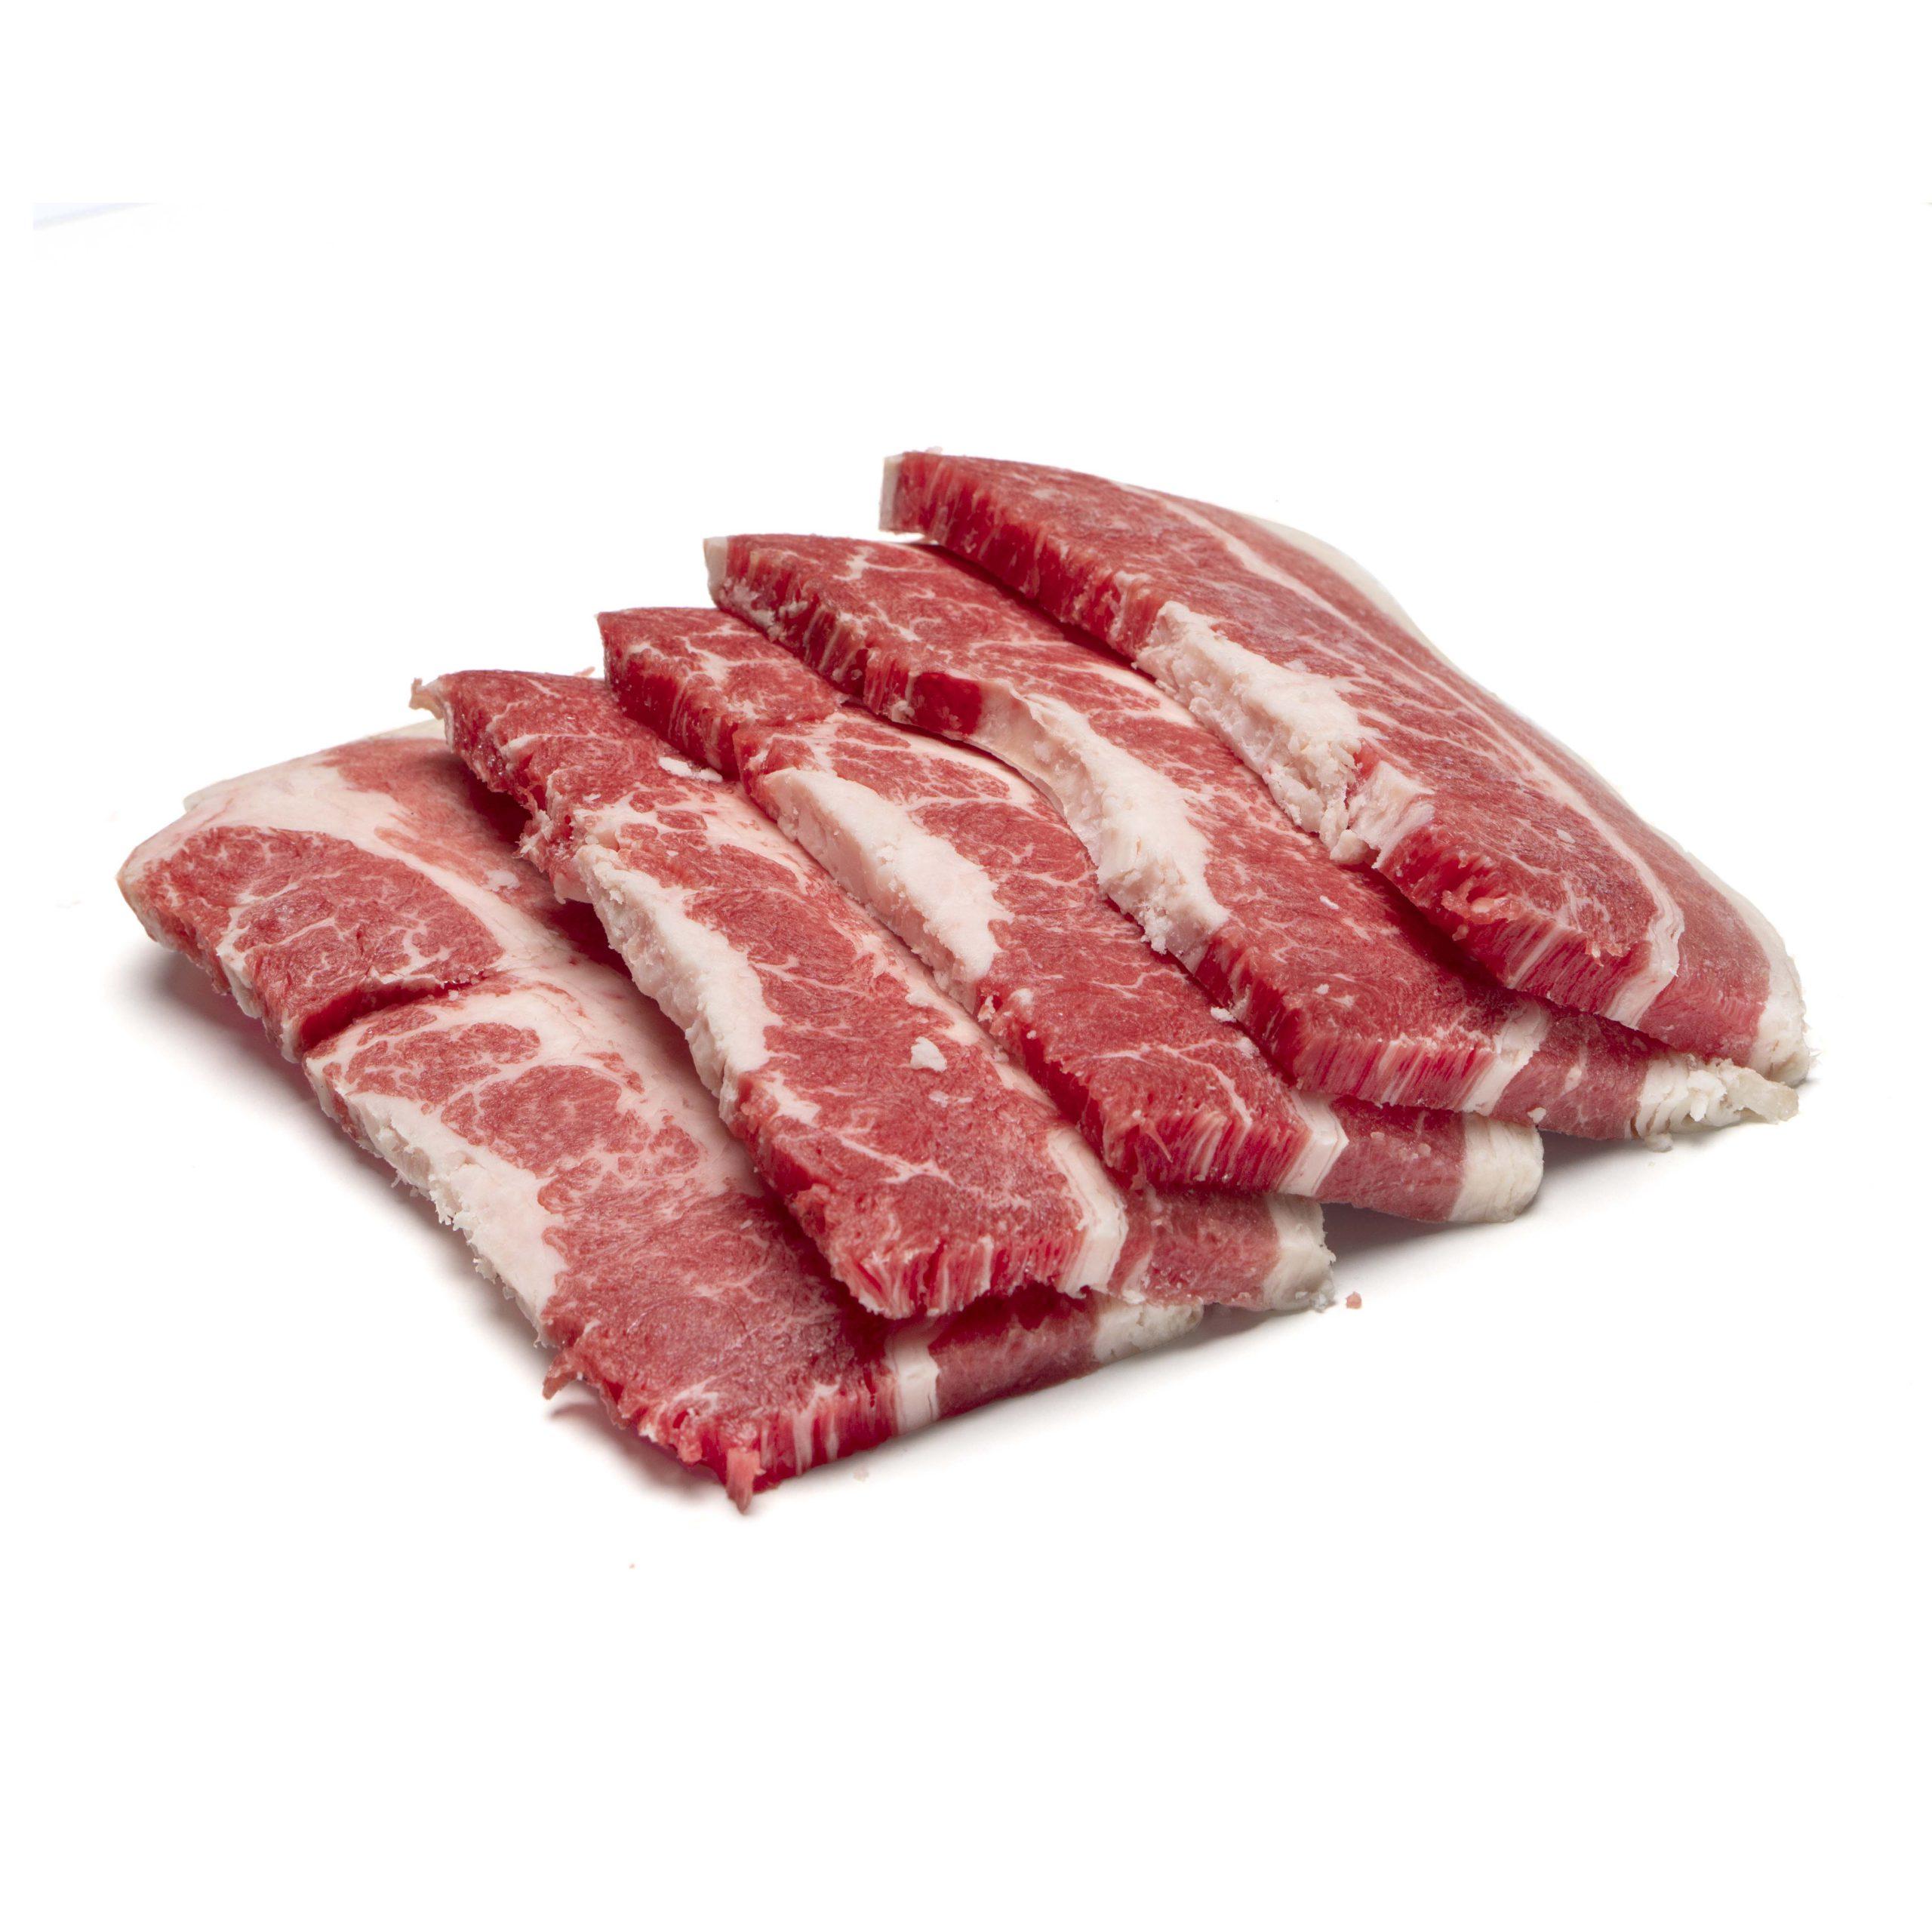 Ba chỉ bò cắt nướng 3